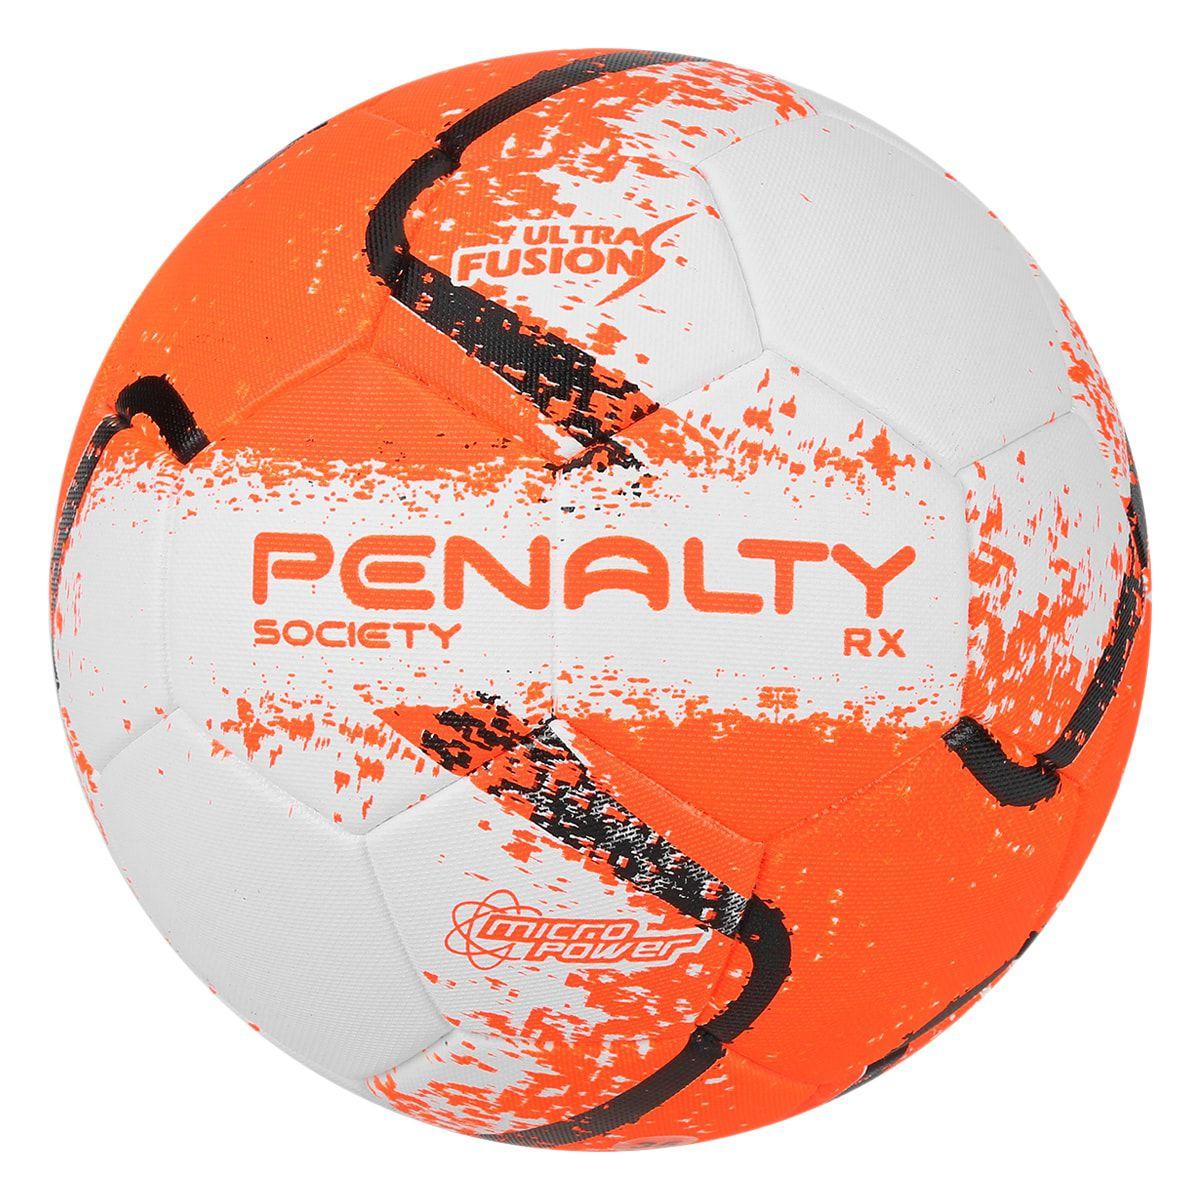 Bola Futebol Society Penalty RX R2 8 Fusion